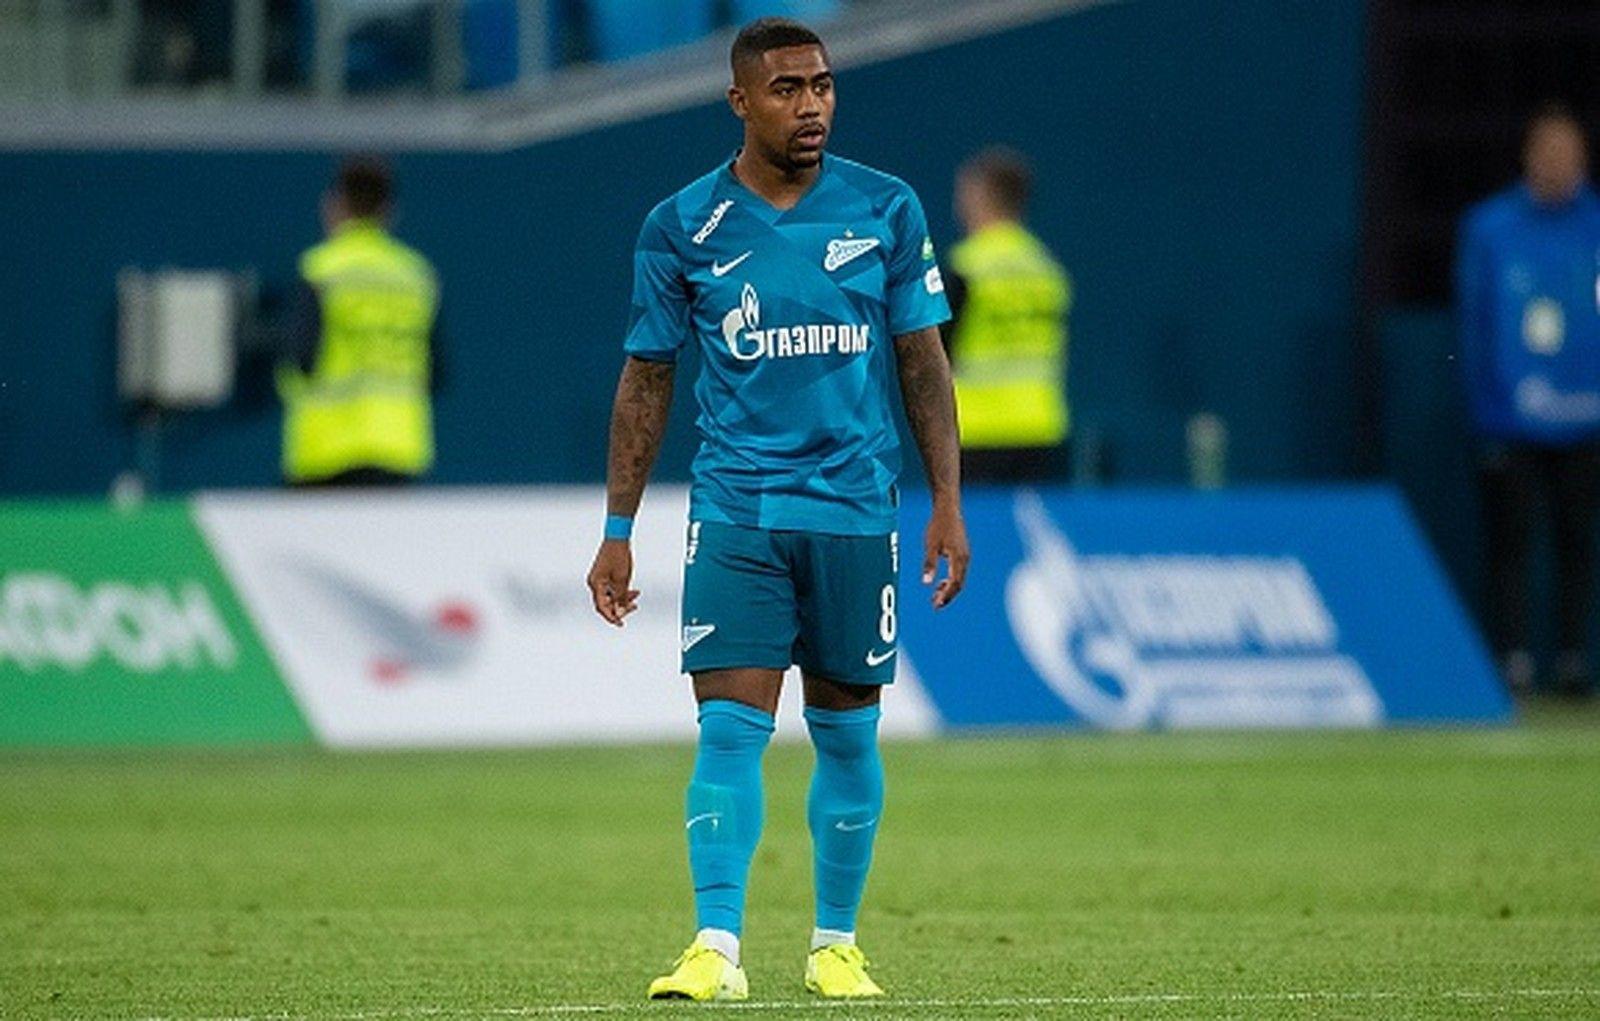 Malcom Pode Ser Vendido Pelo Zenit Apos Atos Racistas Lokomotiv Moscou Futebol Brasileiro Esportes